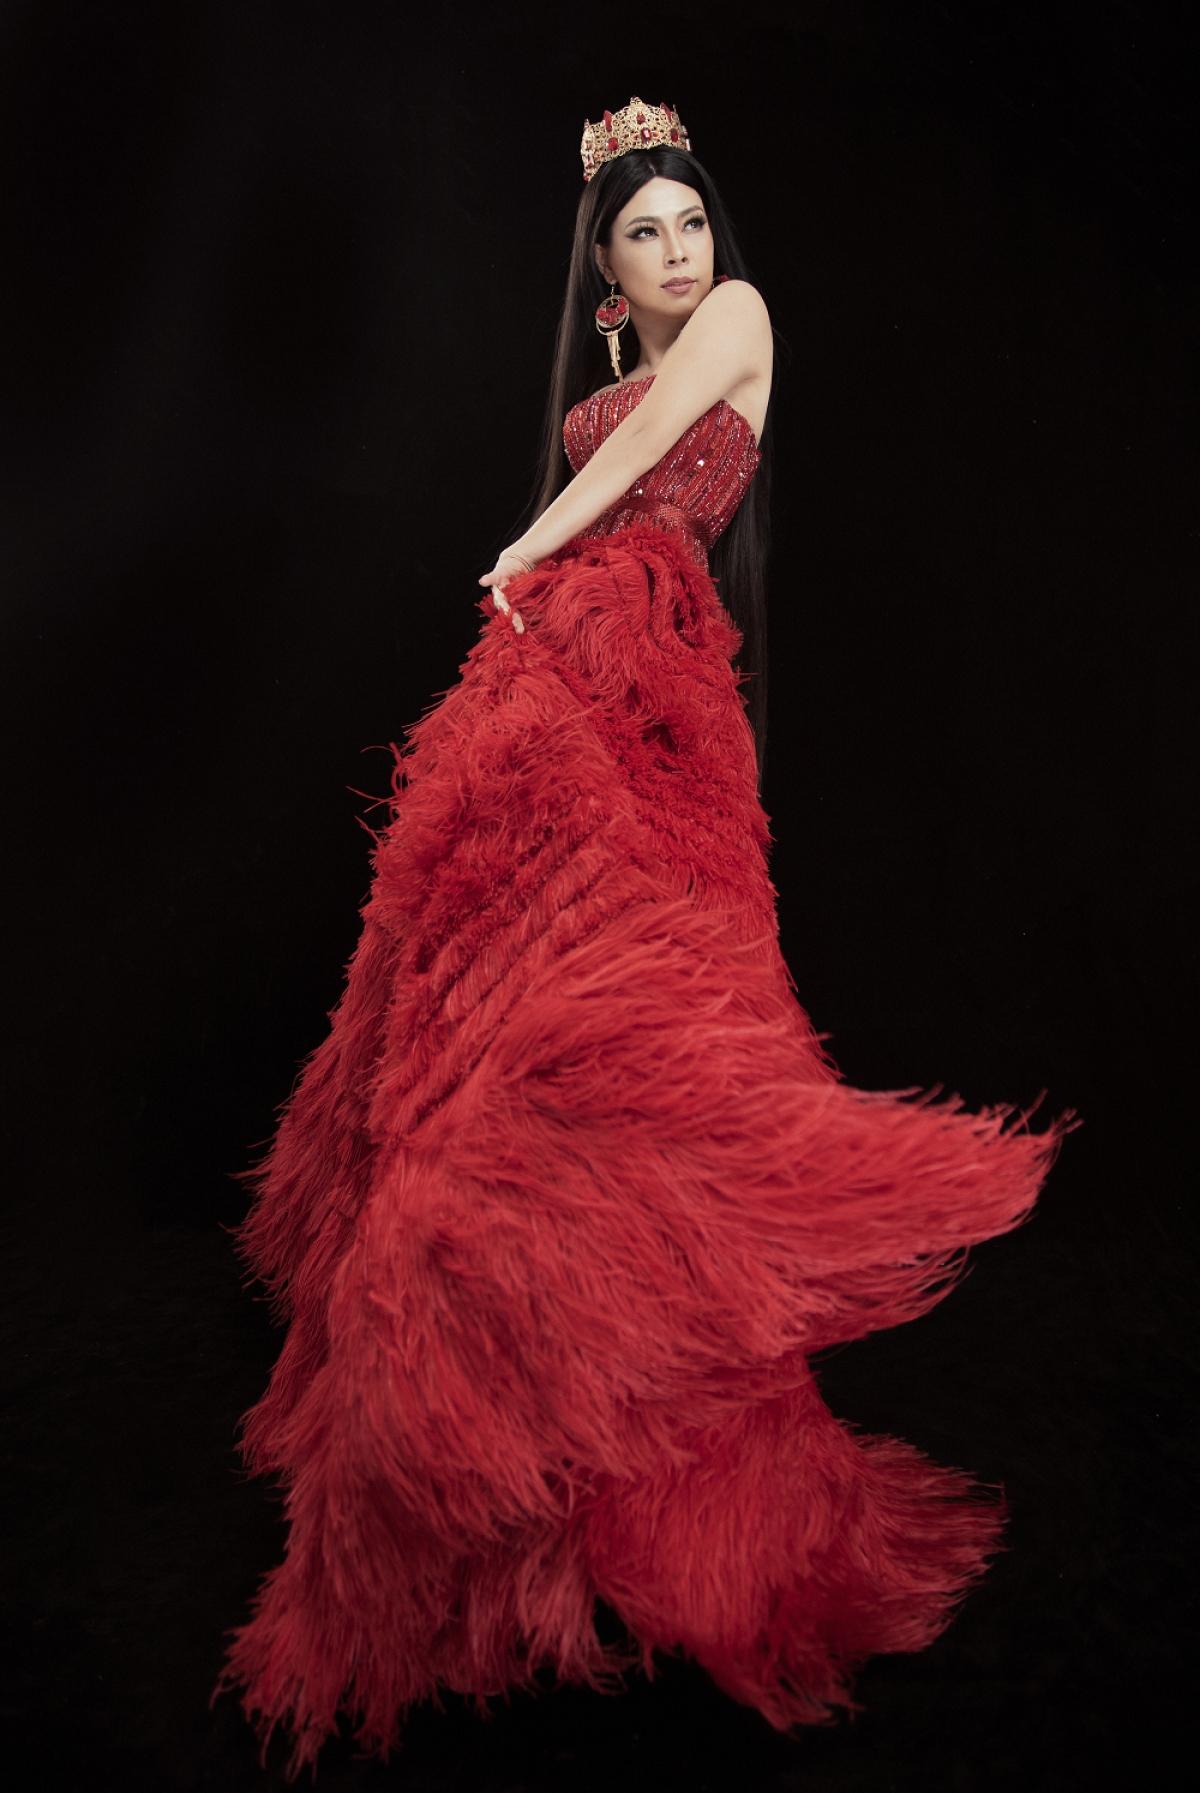 Thanh Thảo đang hoàn tất việc phát hành album mới. Cô cũng hợp tác với nhạc sĩ Nguyễn Hà, hứa hẹn sẽ đem lại một Thanh Thảo đằm thắm và trải nghiệm sau nhiều năm ca hát.